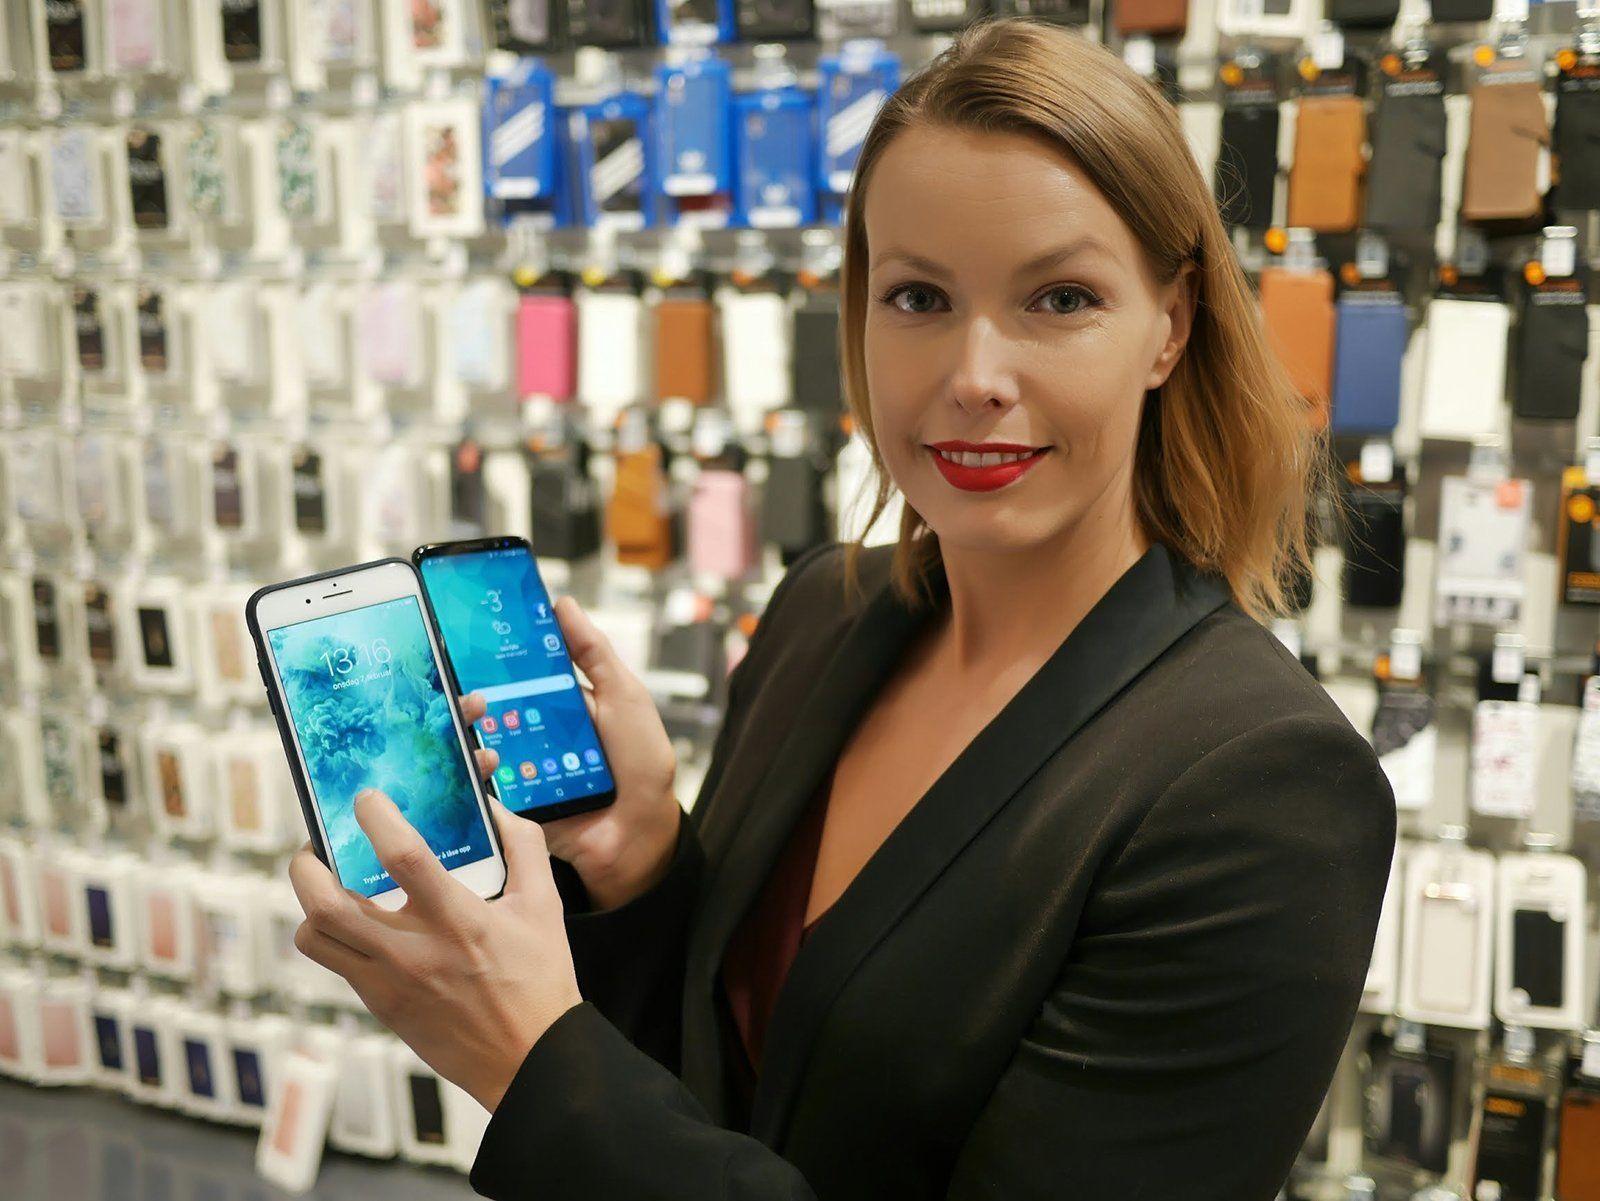 Mobiltelefoner er høyt oppe på noen kvinners ønskeliste, sier kommunikasjonssjef i Stiftelsen Elektronikkbransjen, Marte Ottemo.